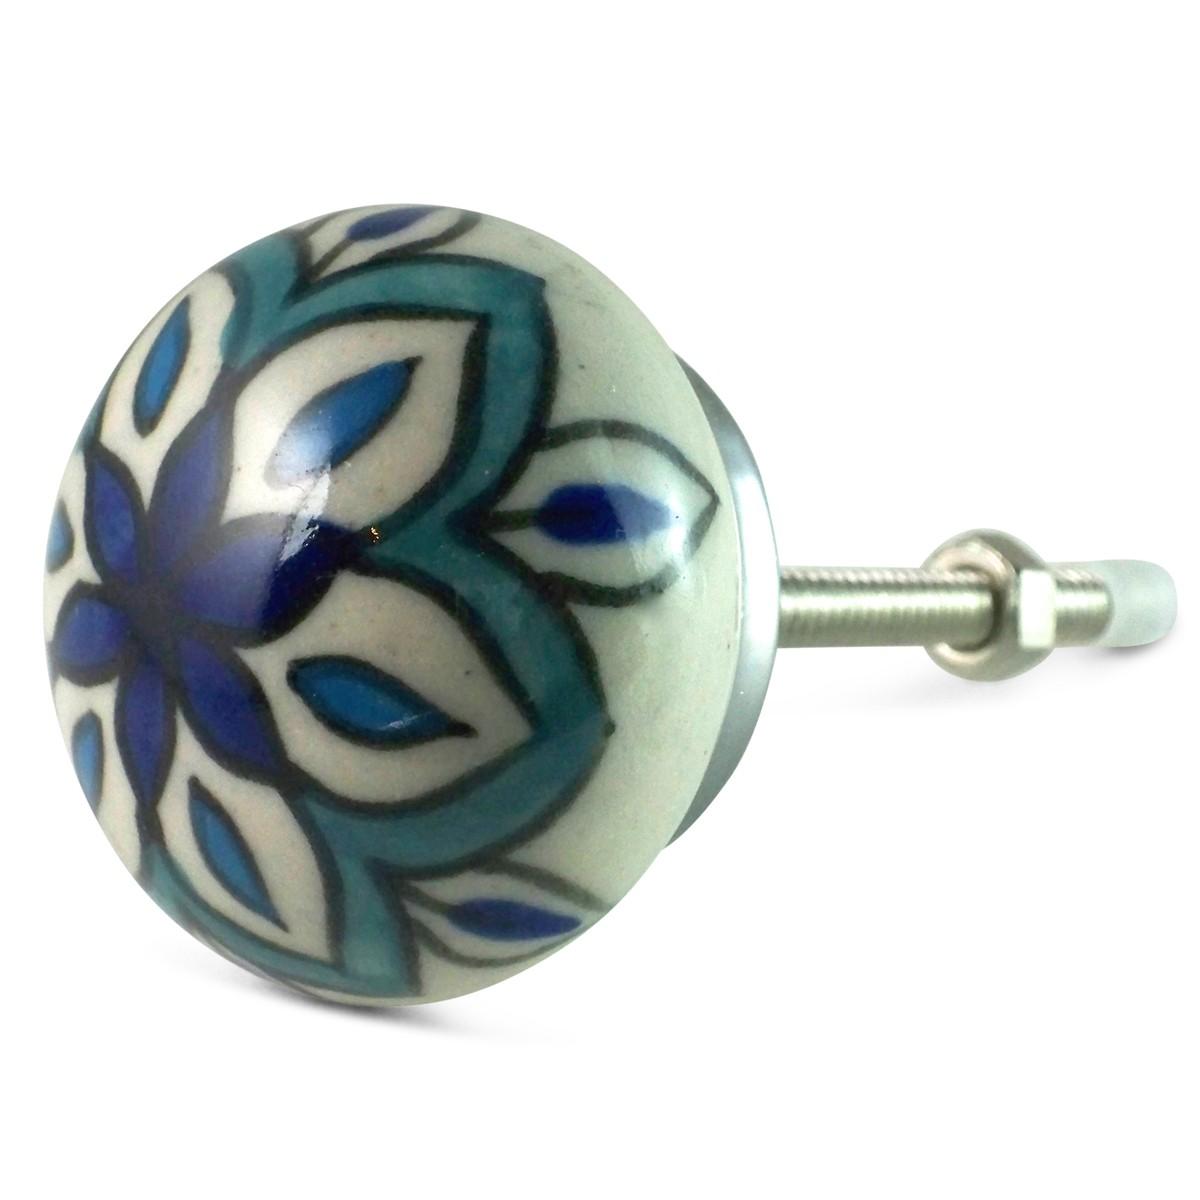 Diy Bouton De Meuble bouton de meuble sherazade bleu et turquoise carreau ciment